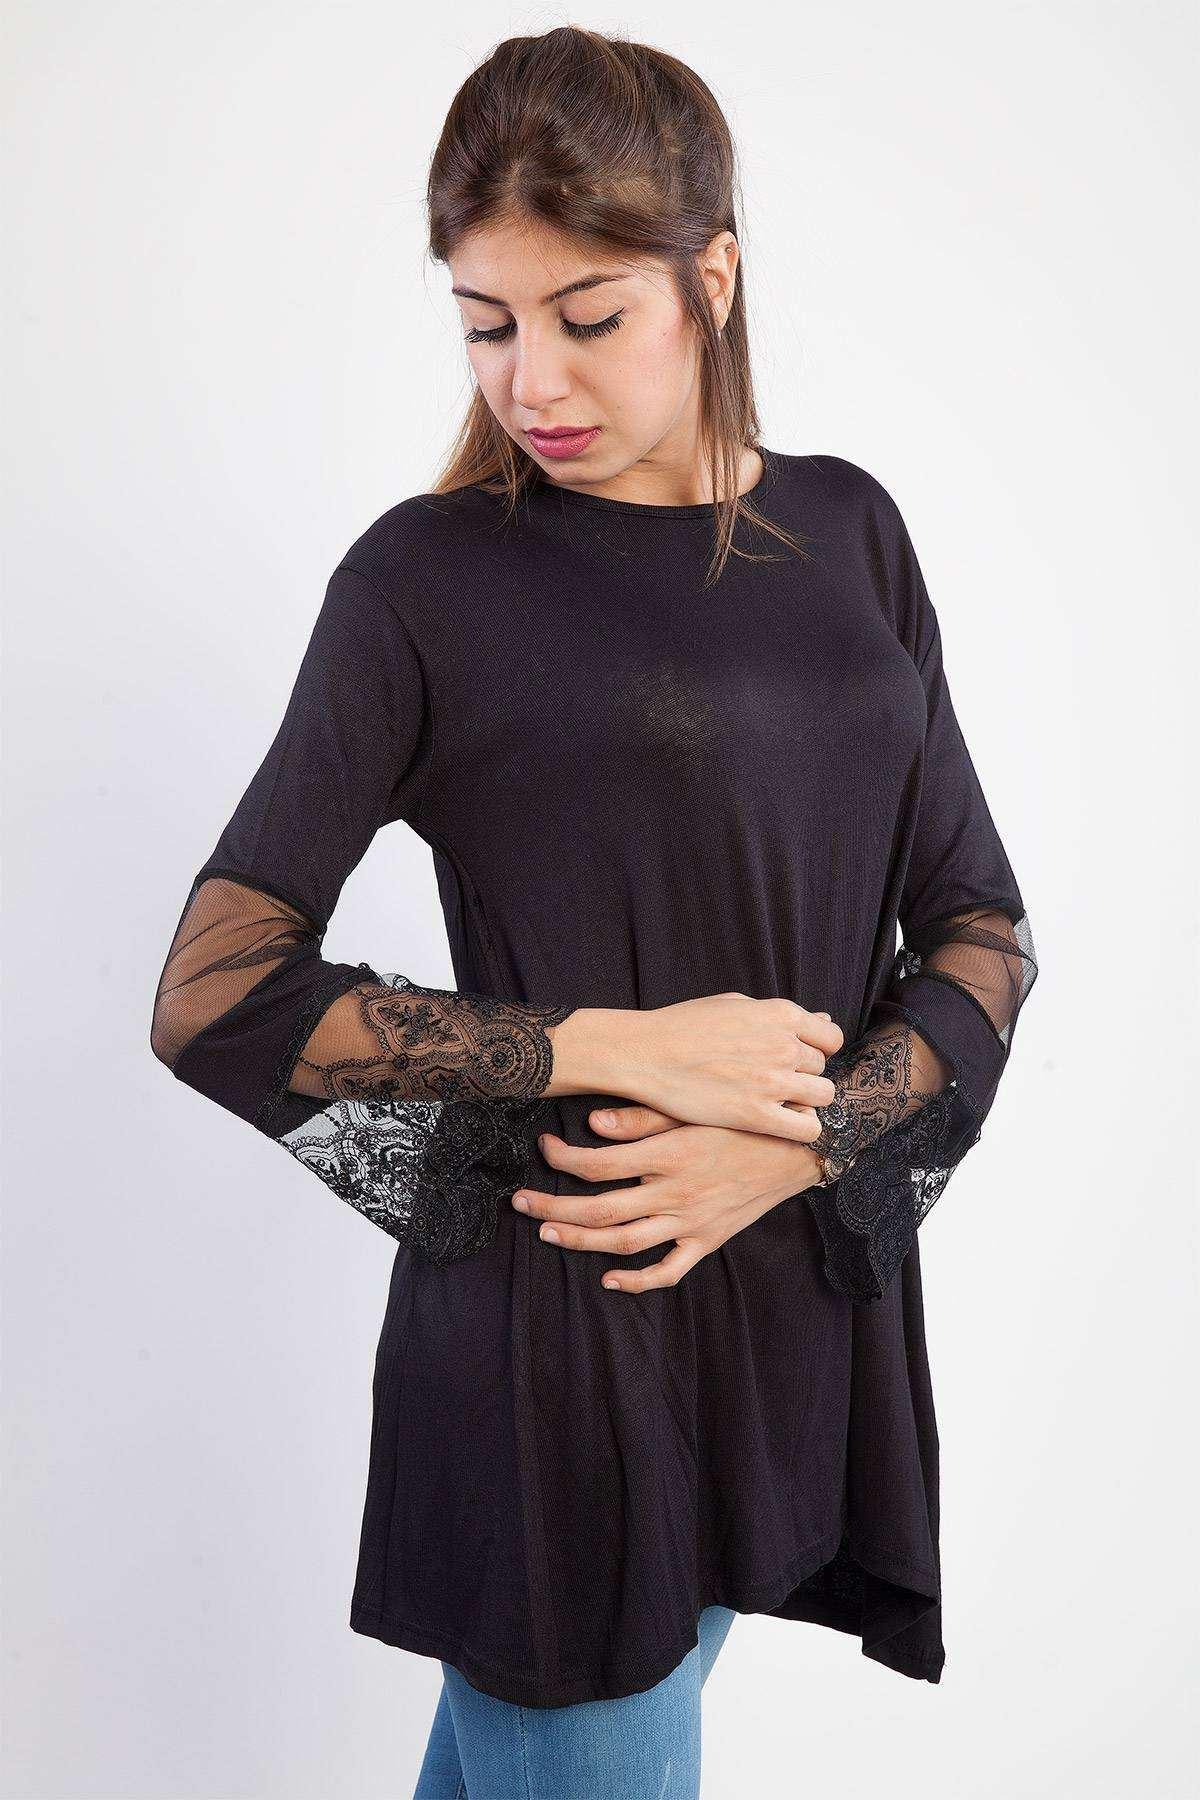 Kol Dantel İşleme Detaylı Sıfır Yaka Sweatshirt Siyah